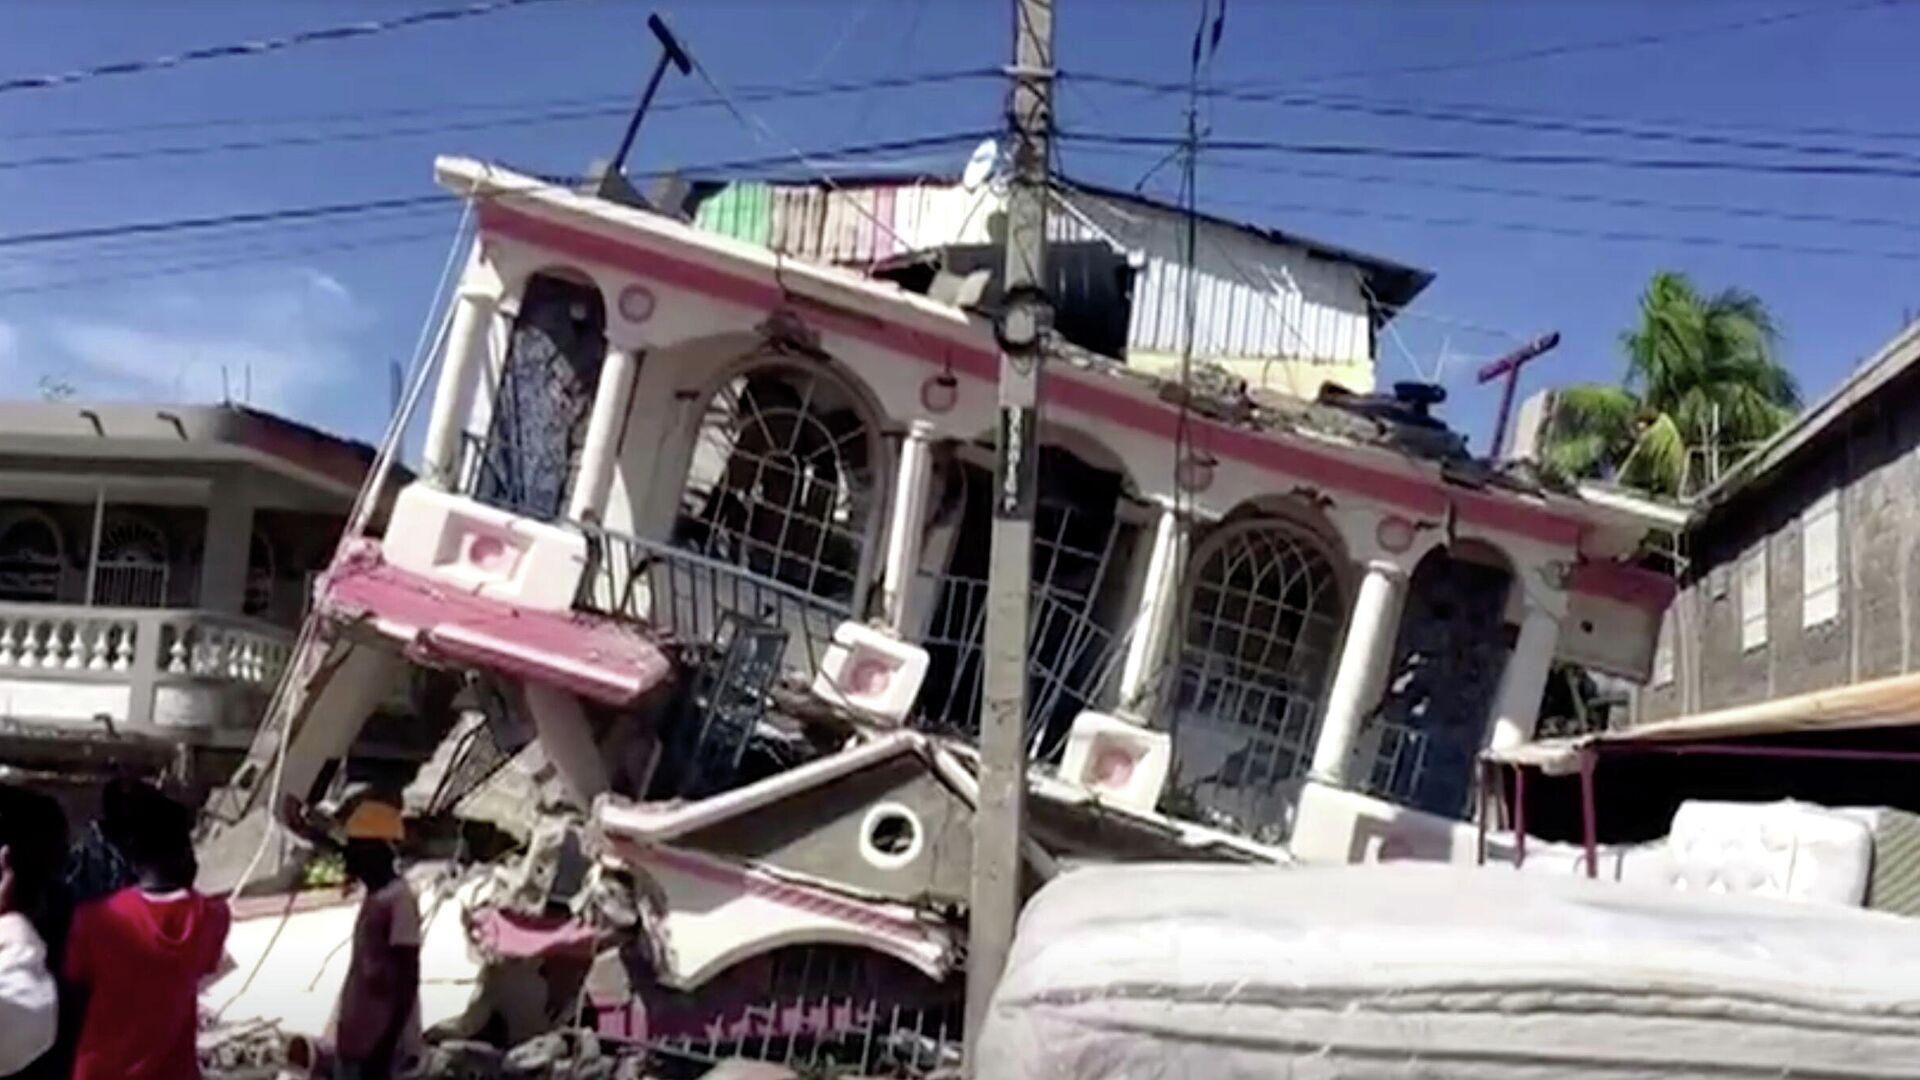 Las consecuencias del terremoto en Haití - Sputnik Mundo, 1920, 17.08.2021